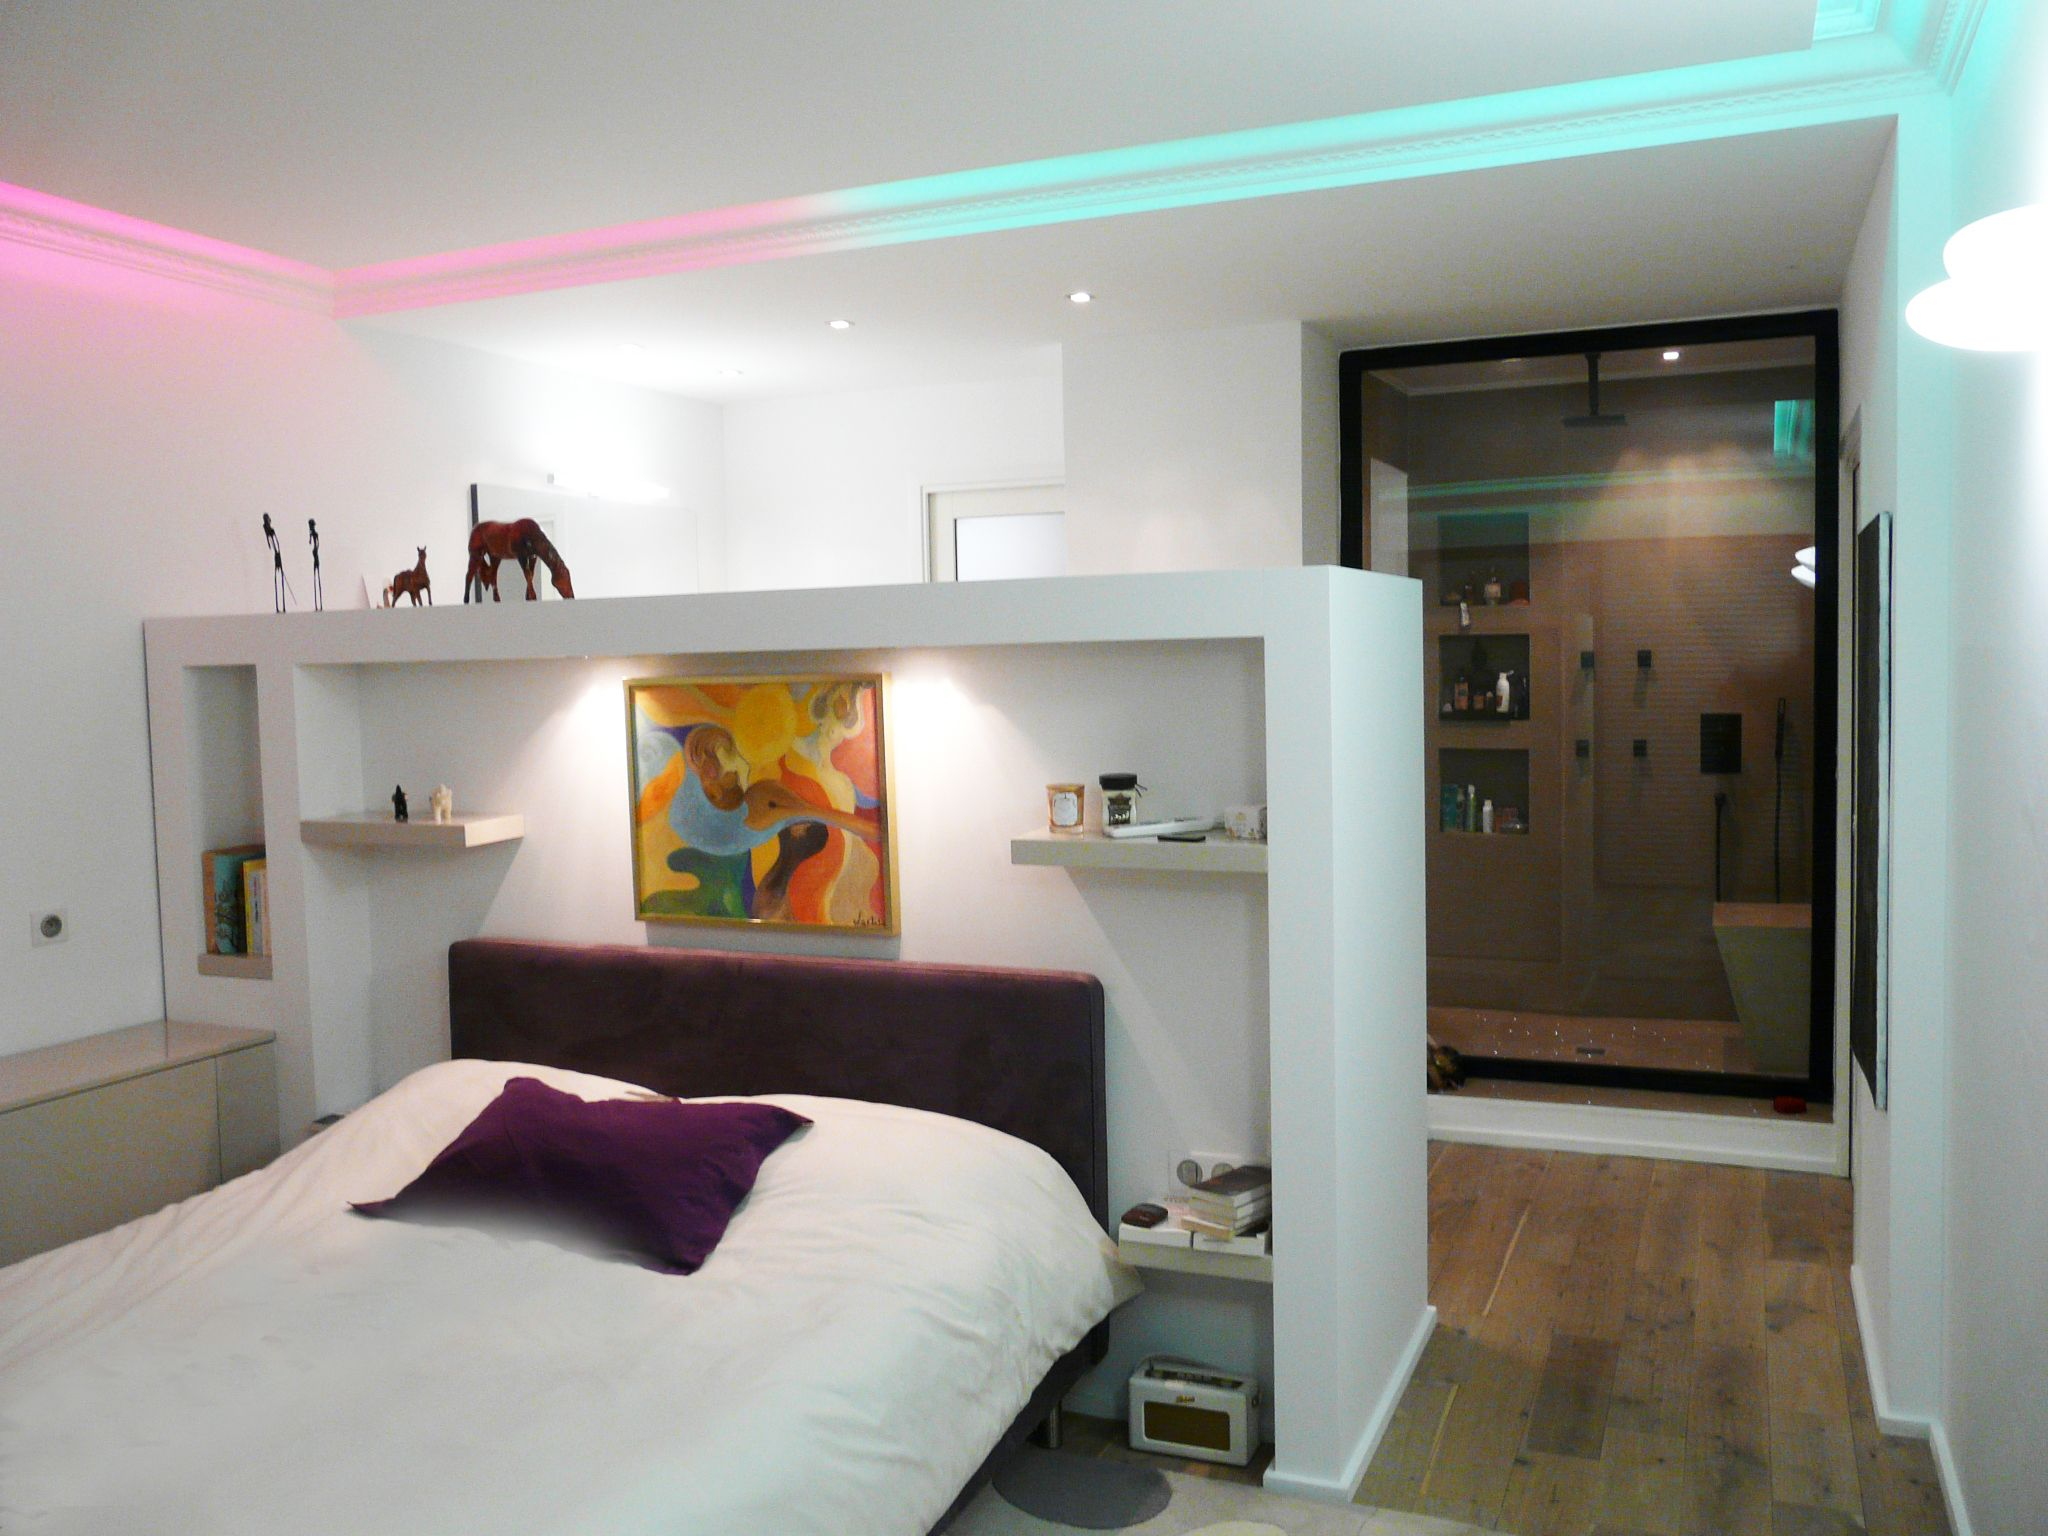 Rénovation - Restructuration complète d\'un appartement - Chambre ...